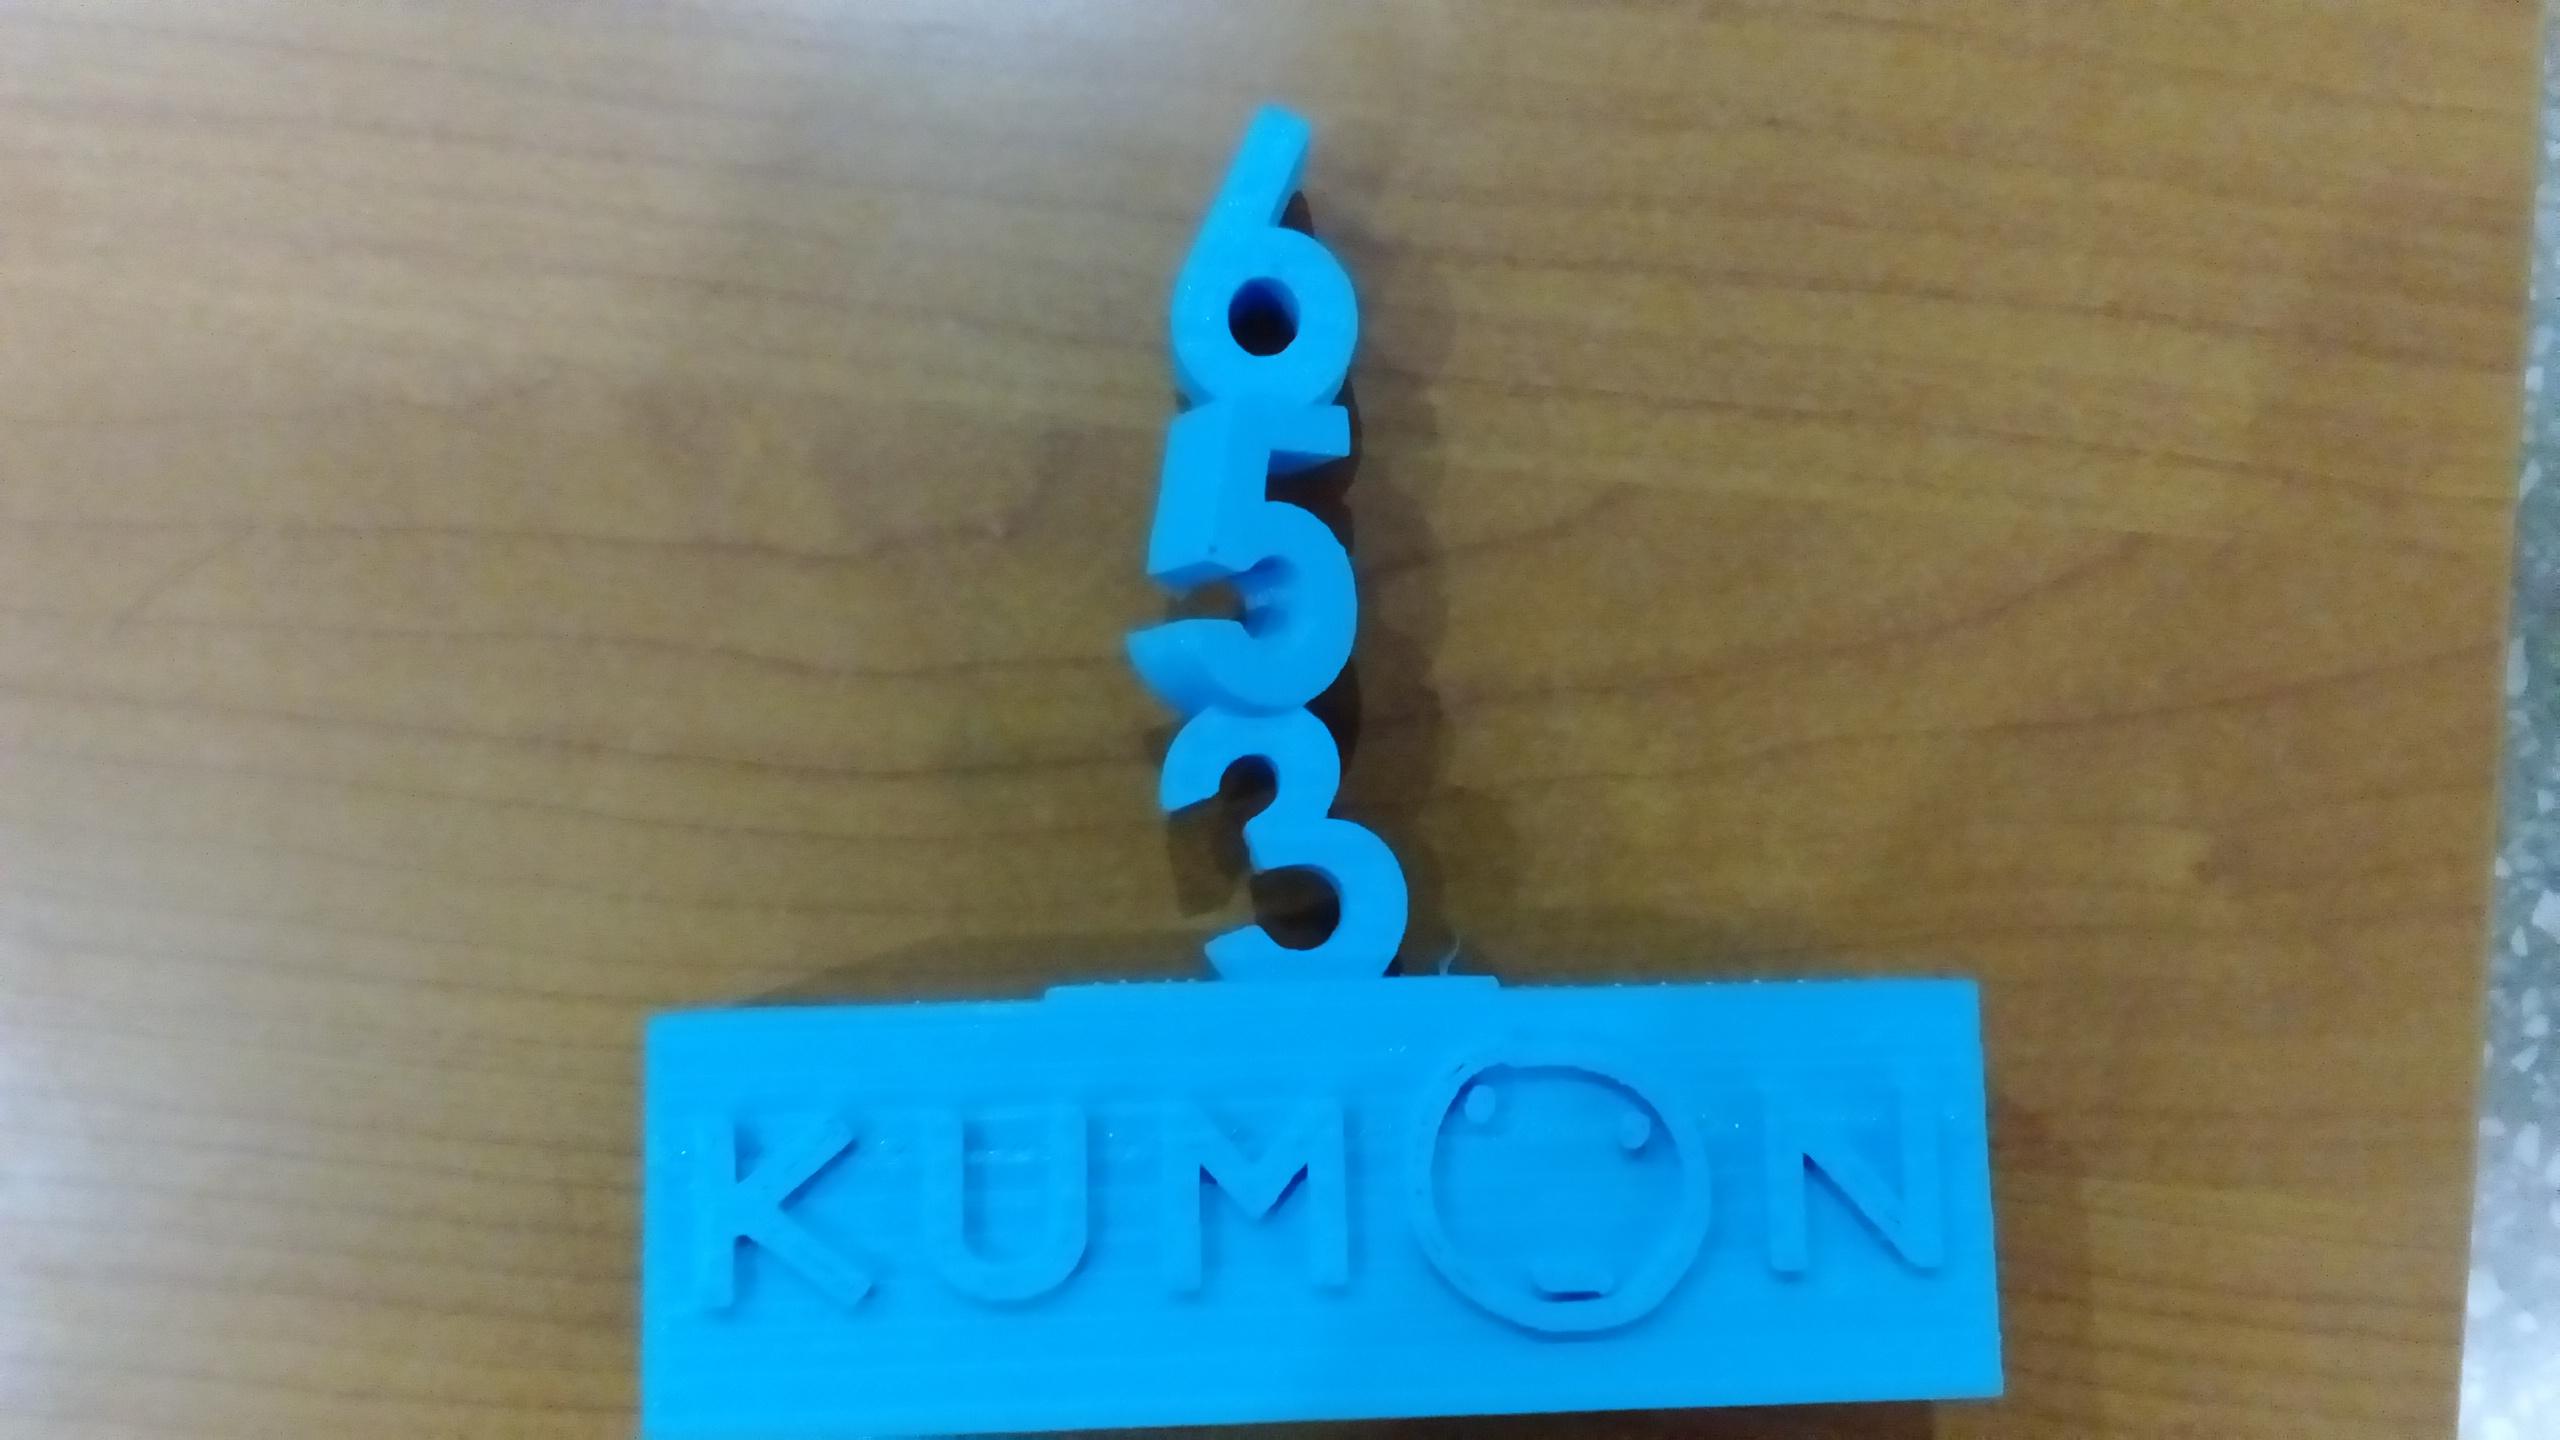 Kumon 03